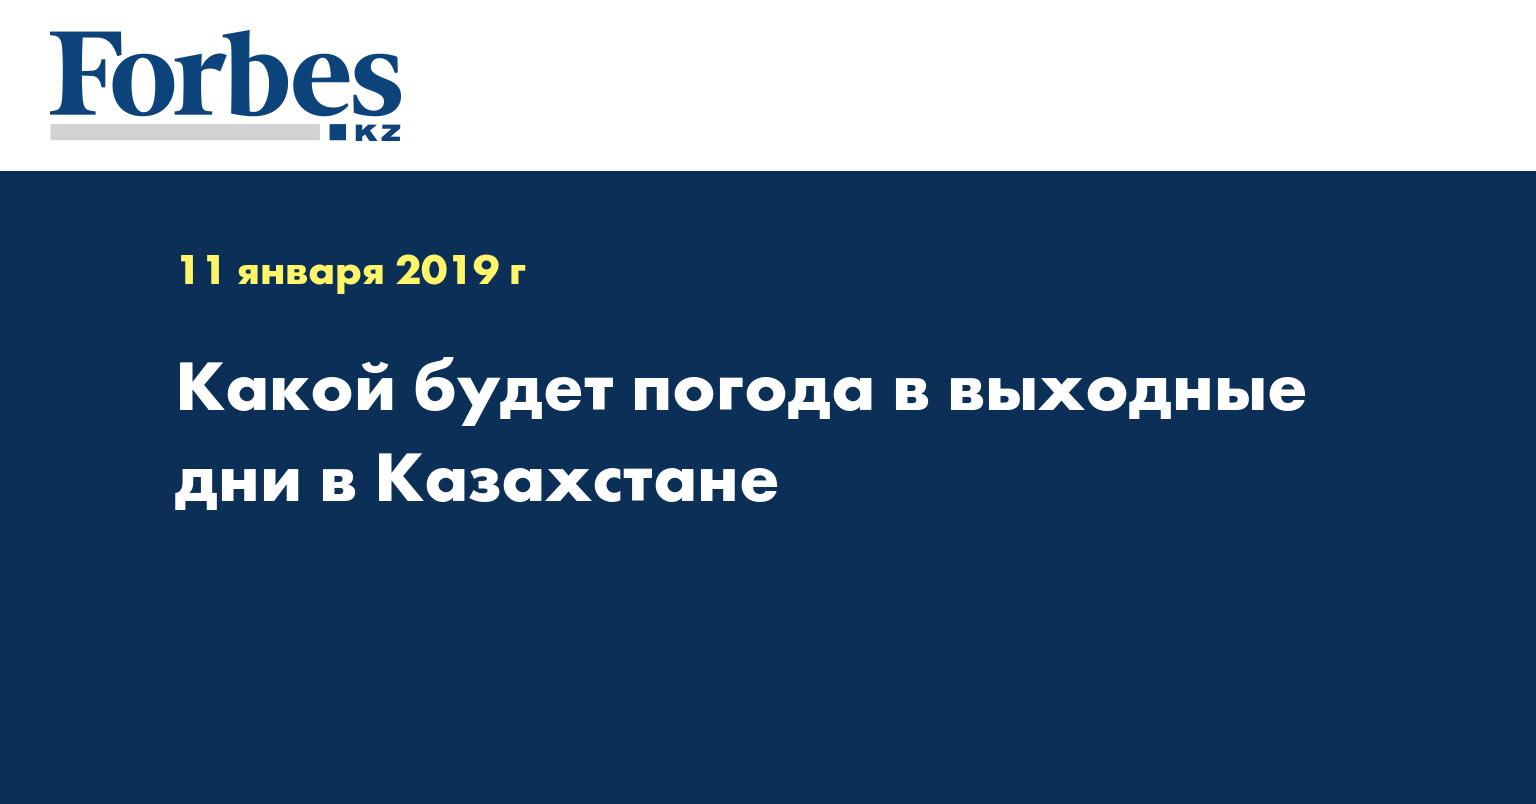 Какой будет погода в выходные дни в Казахстане